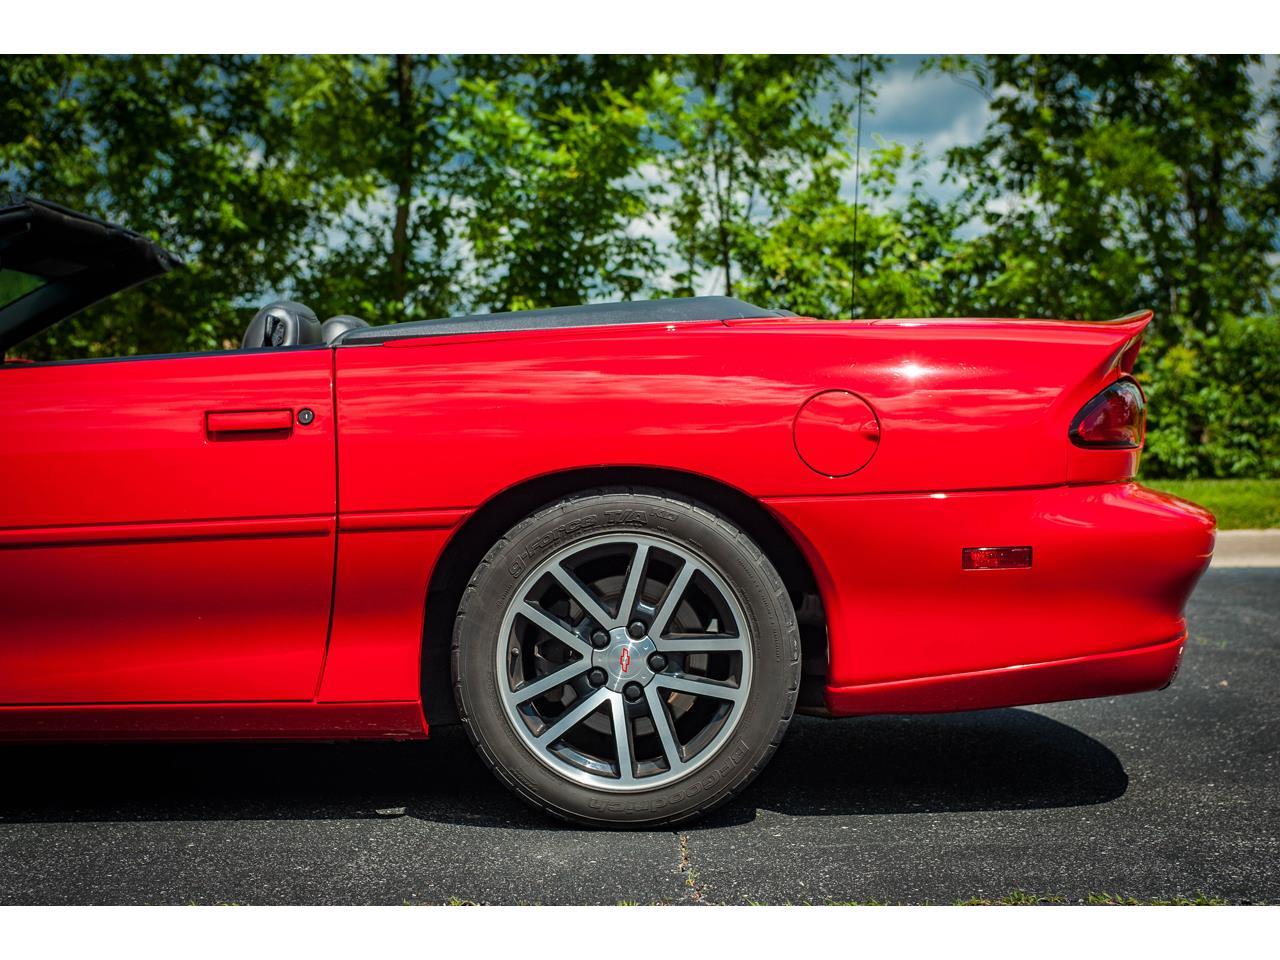 Large Picture of '02 Chevrolet Camaro located in O'Fallon Illinois - $33,500.00 - QB9Z